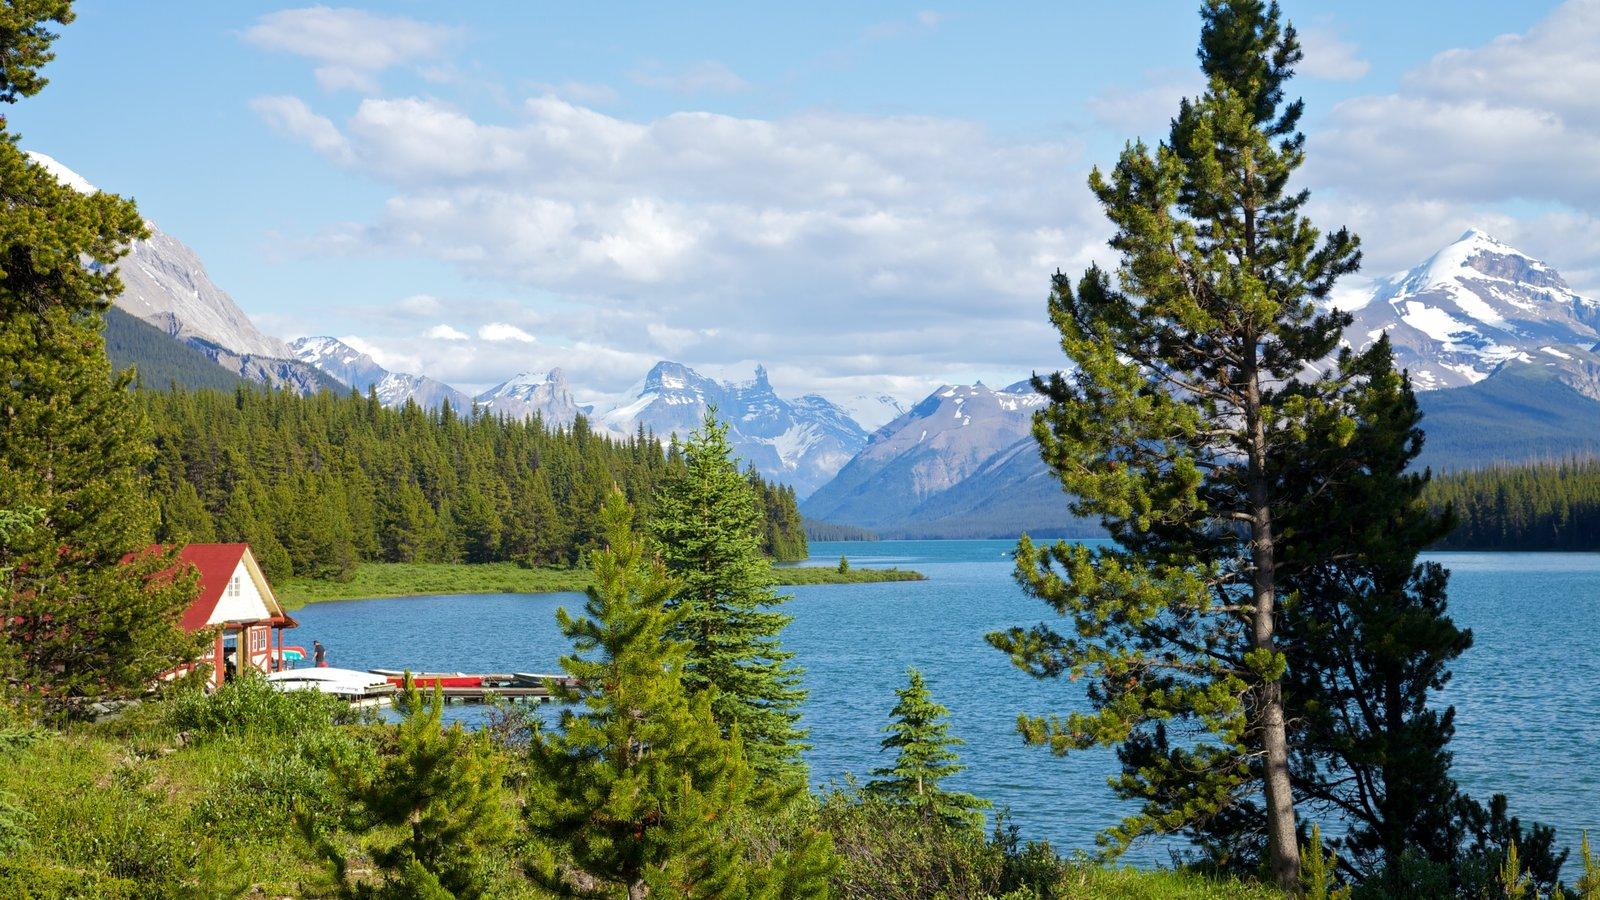 Maligne Lake mostrando un lago o abrevadero, vistas de paisajes y montañas